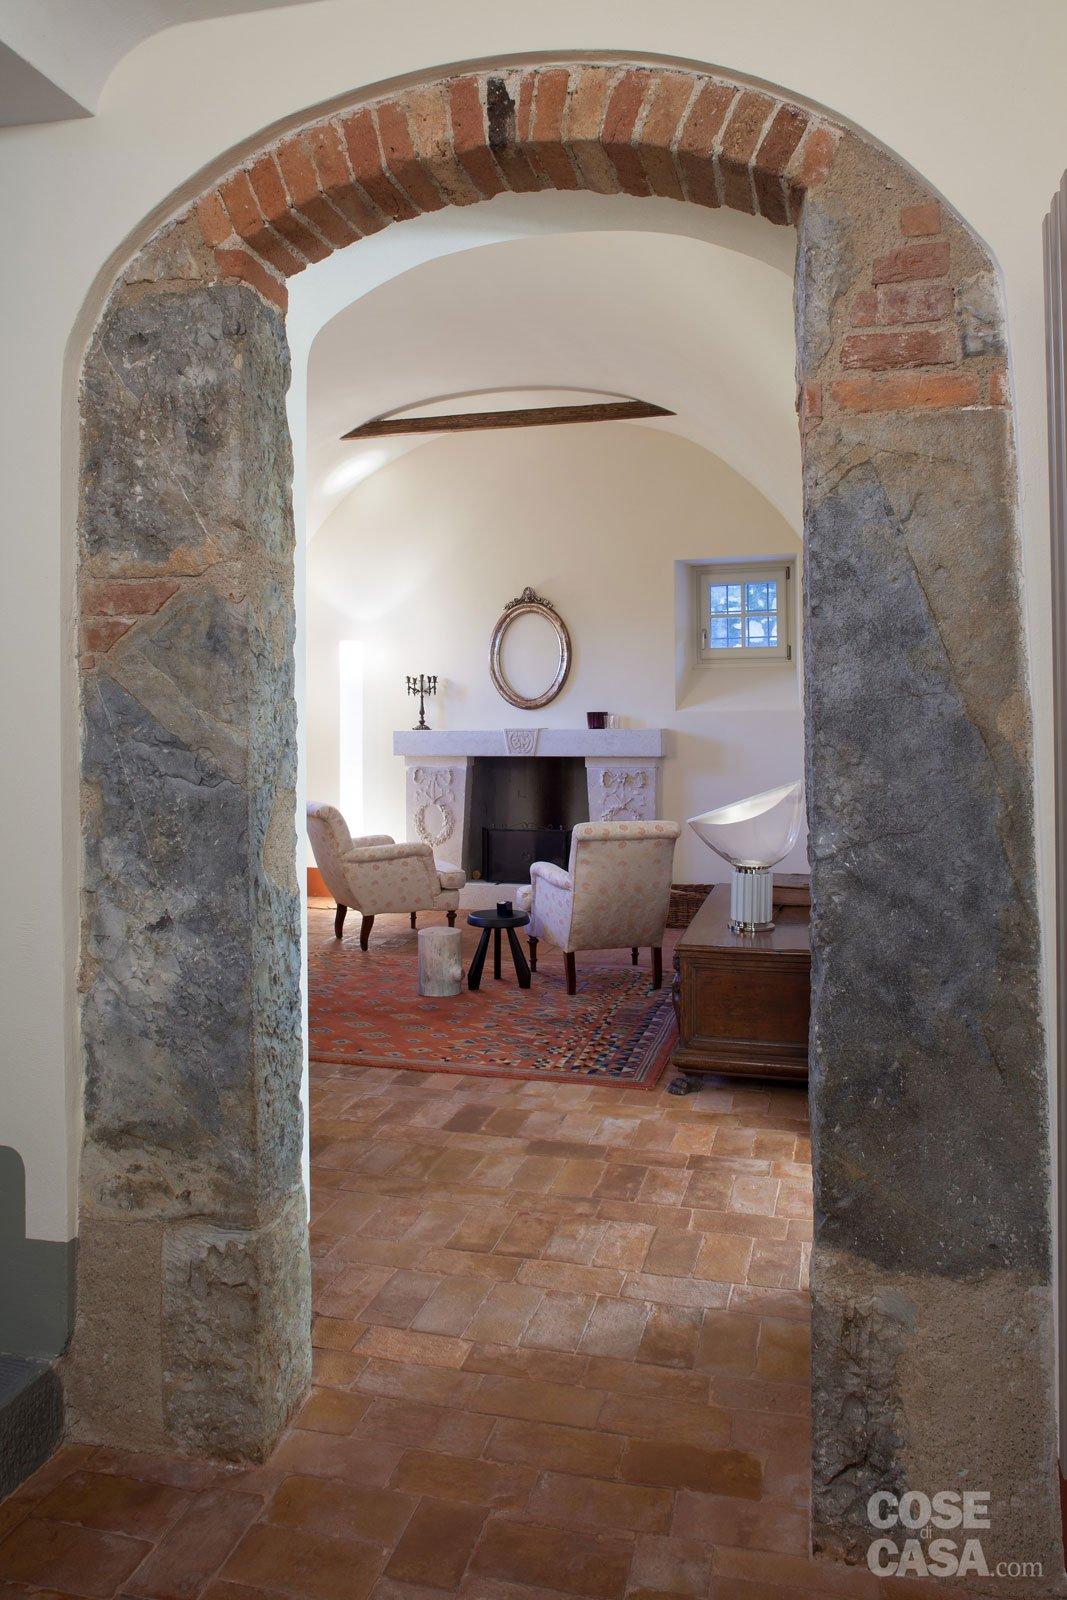 Una casa con ambienti moderni a sfondo rustico cose di casa for Costo per costruire piani di casa